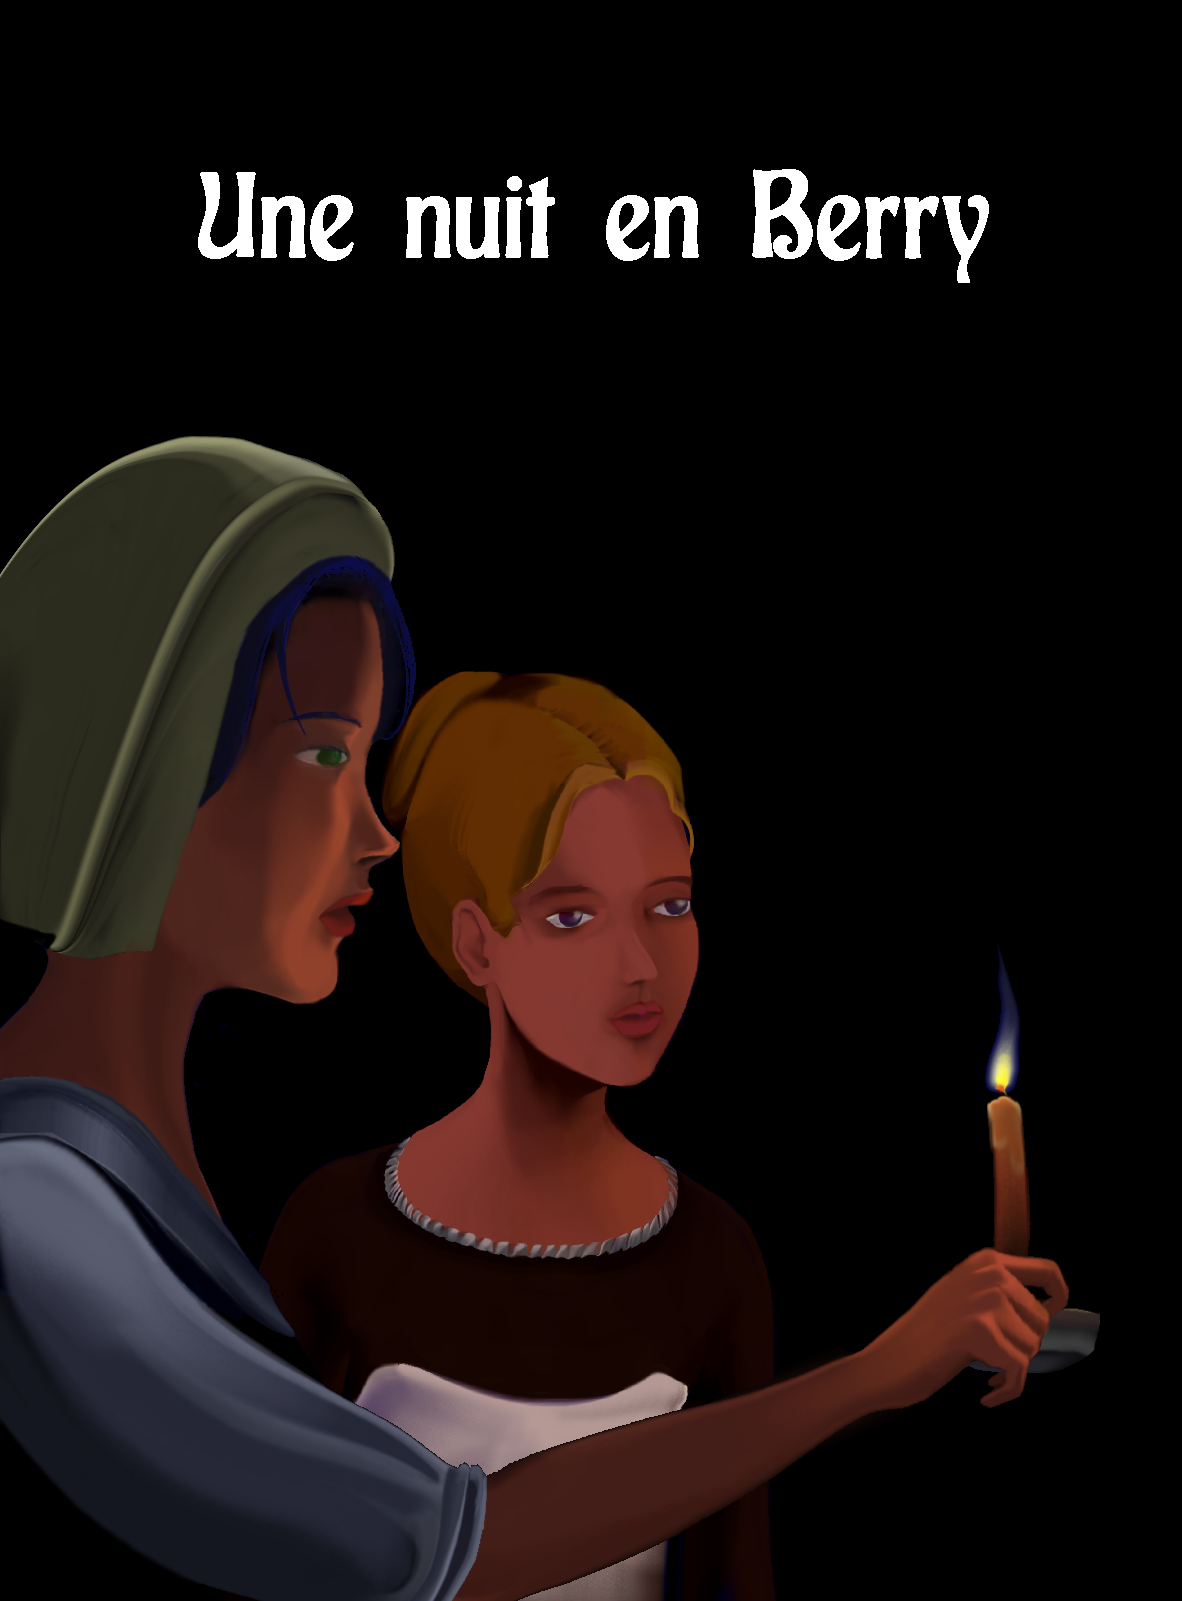 Une nuit en Berry Cover1